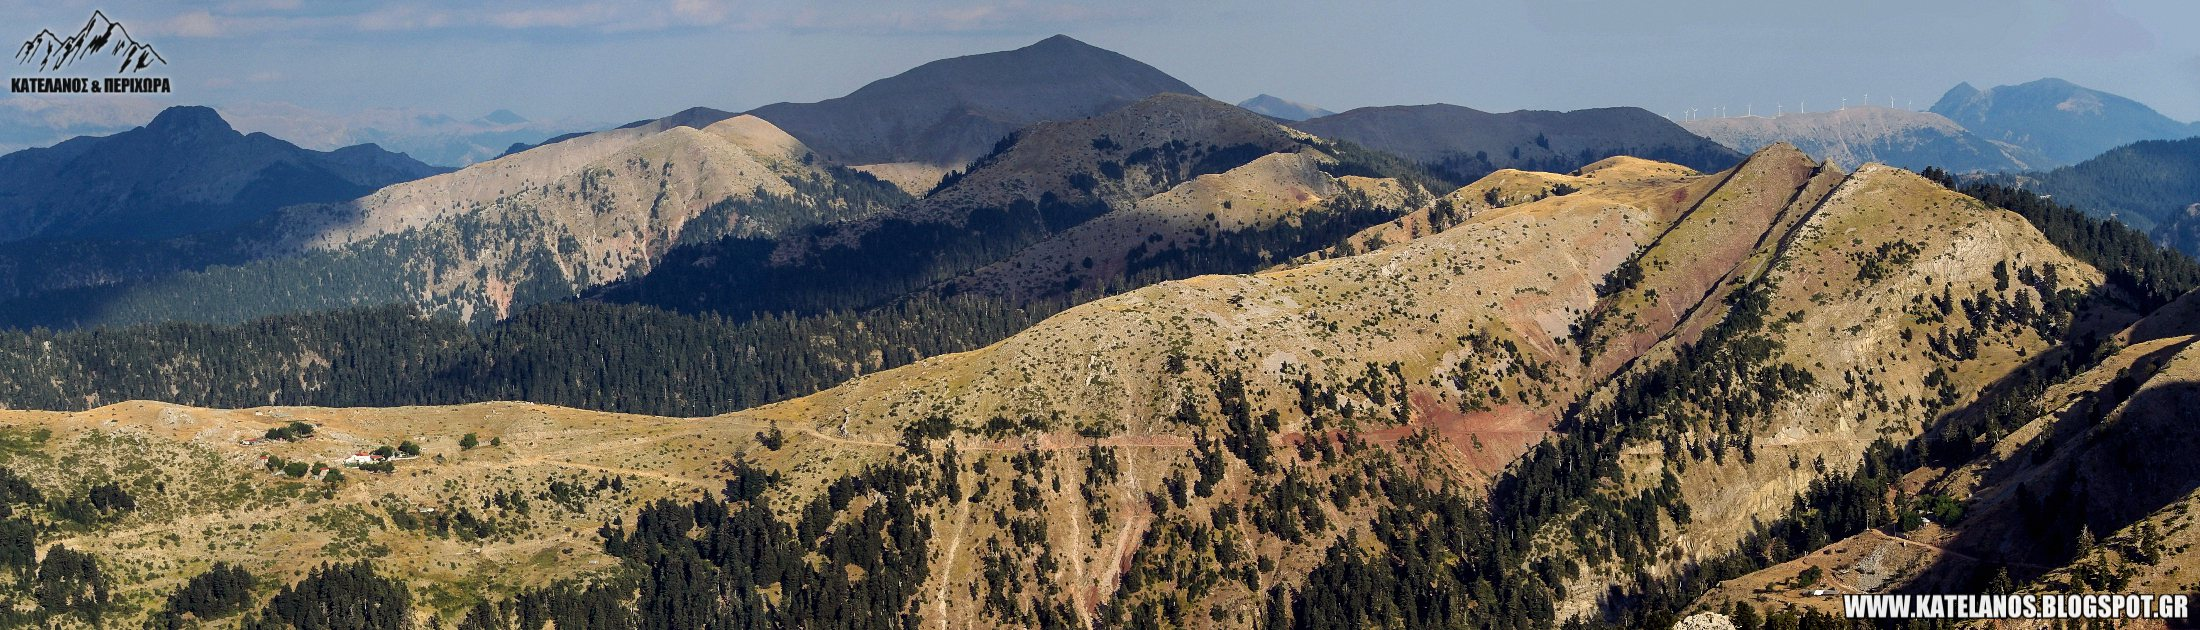 ανατολικο παναιτωλικο βουνα κορυφες